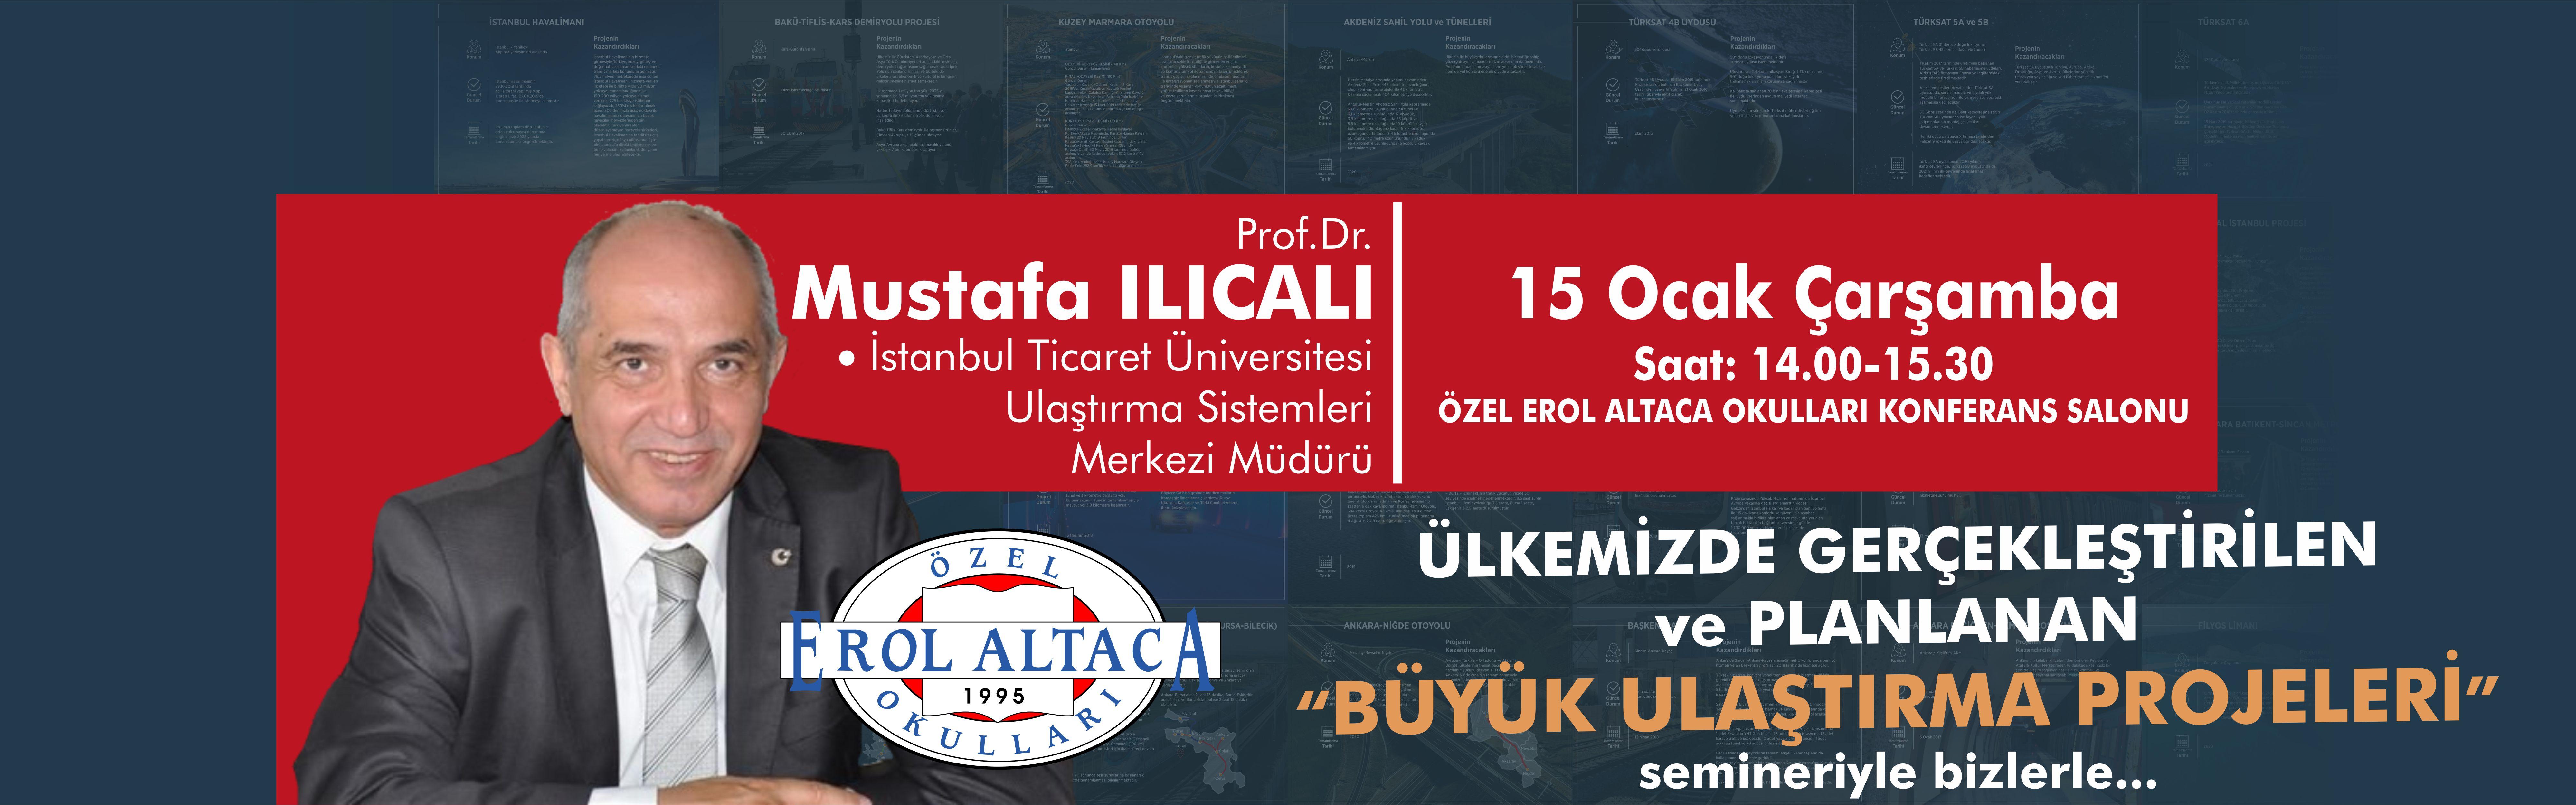 Prof. Dr. Mustafa Ilıcalı bizlerle...